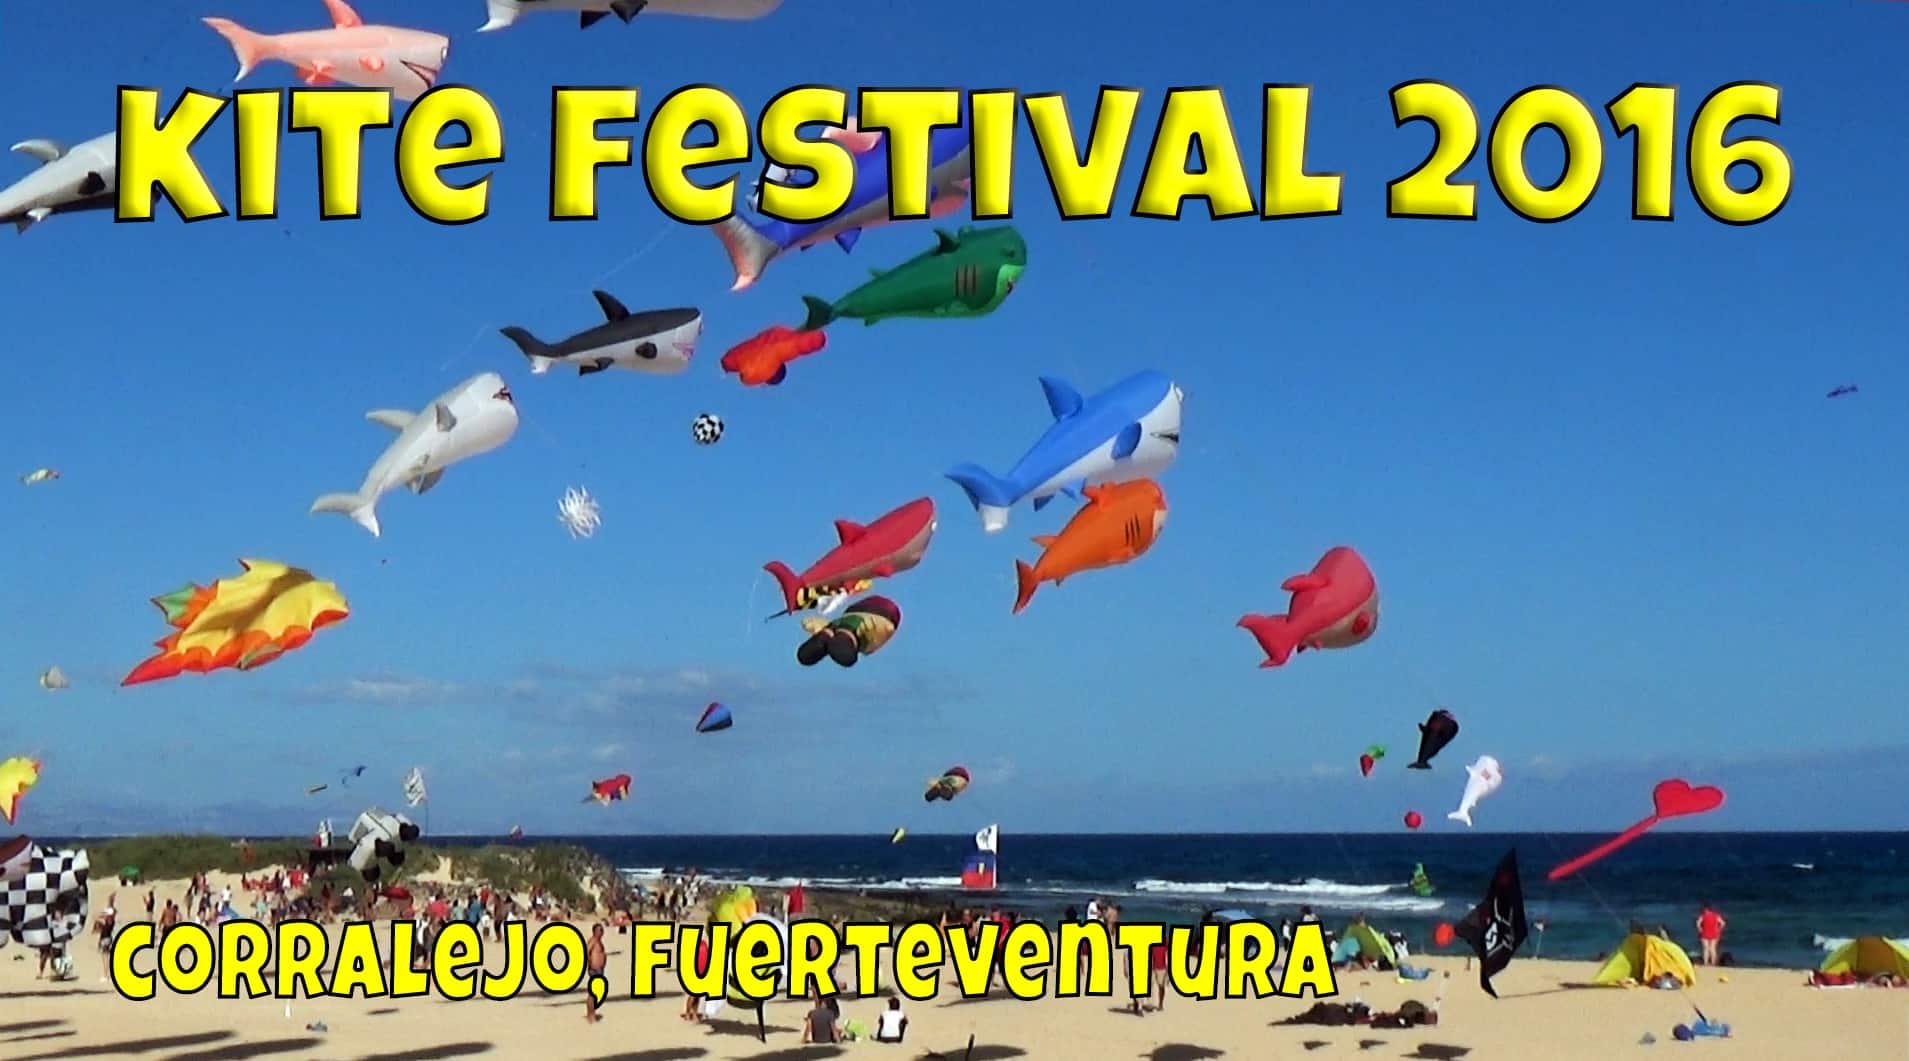 Fuerteventura Kite Festival 2016